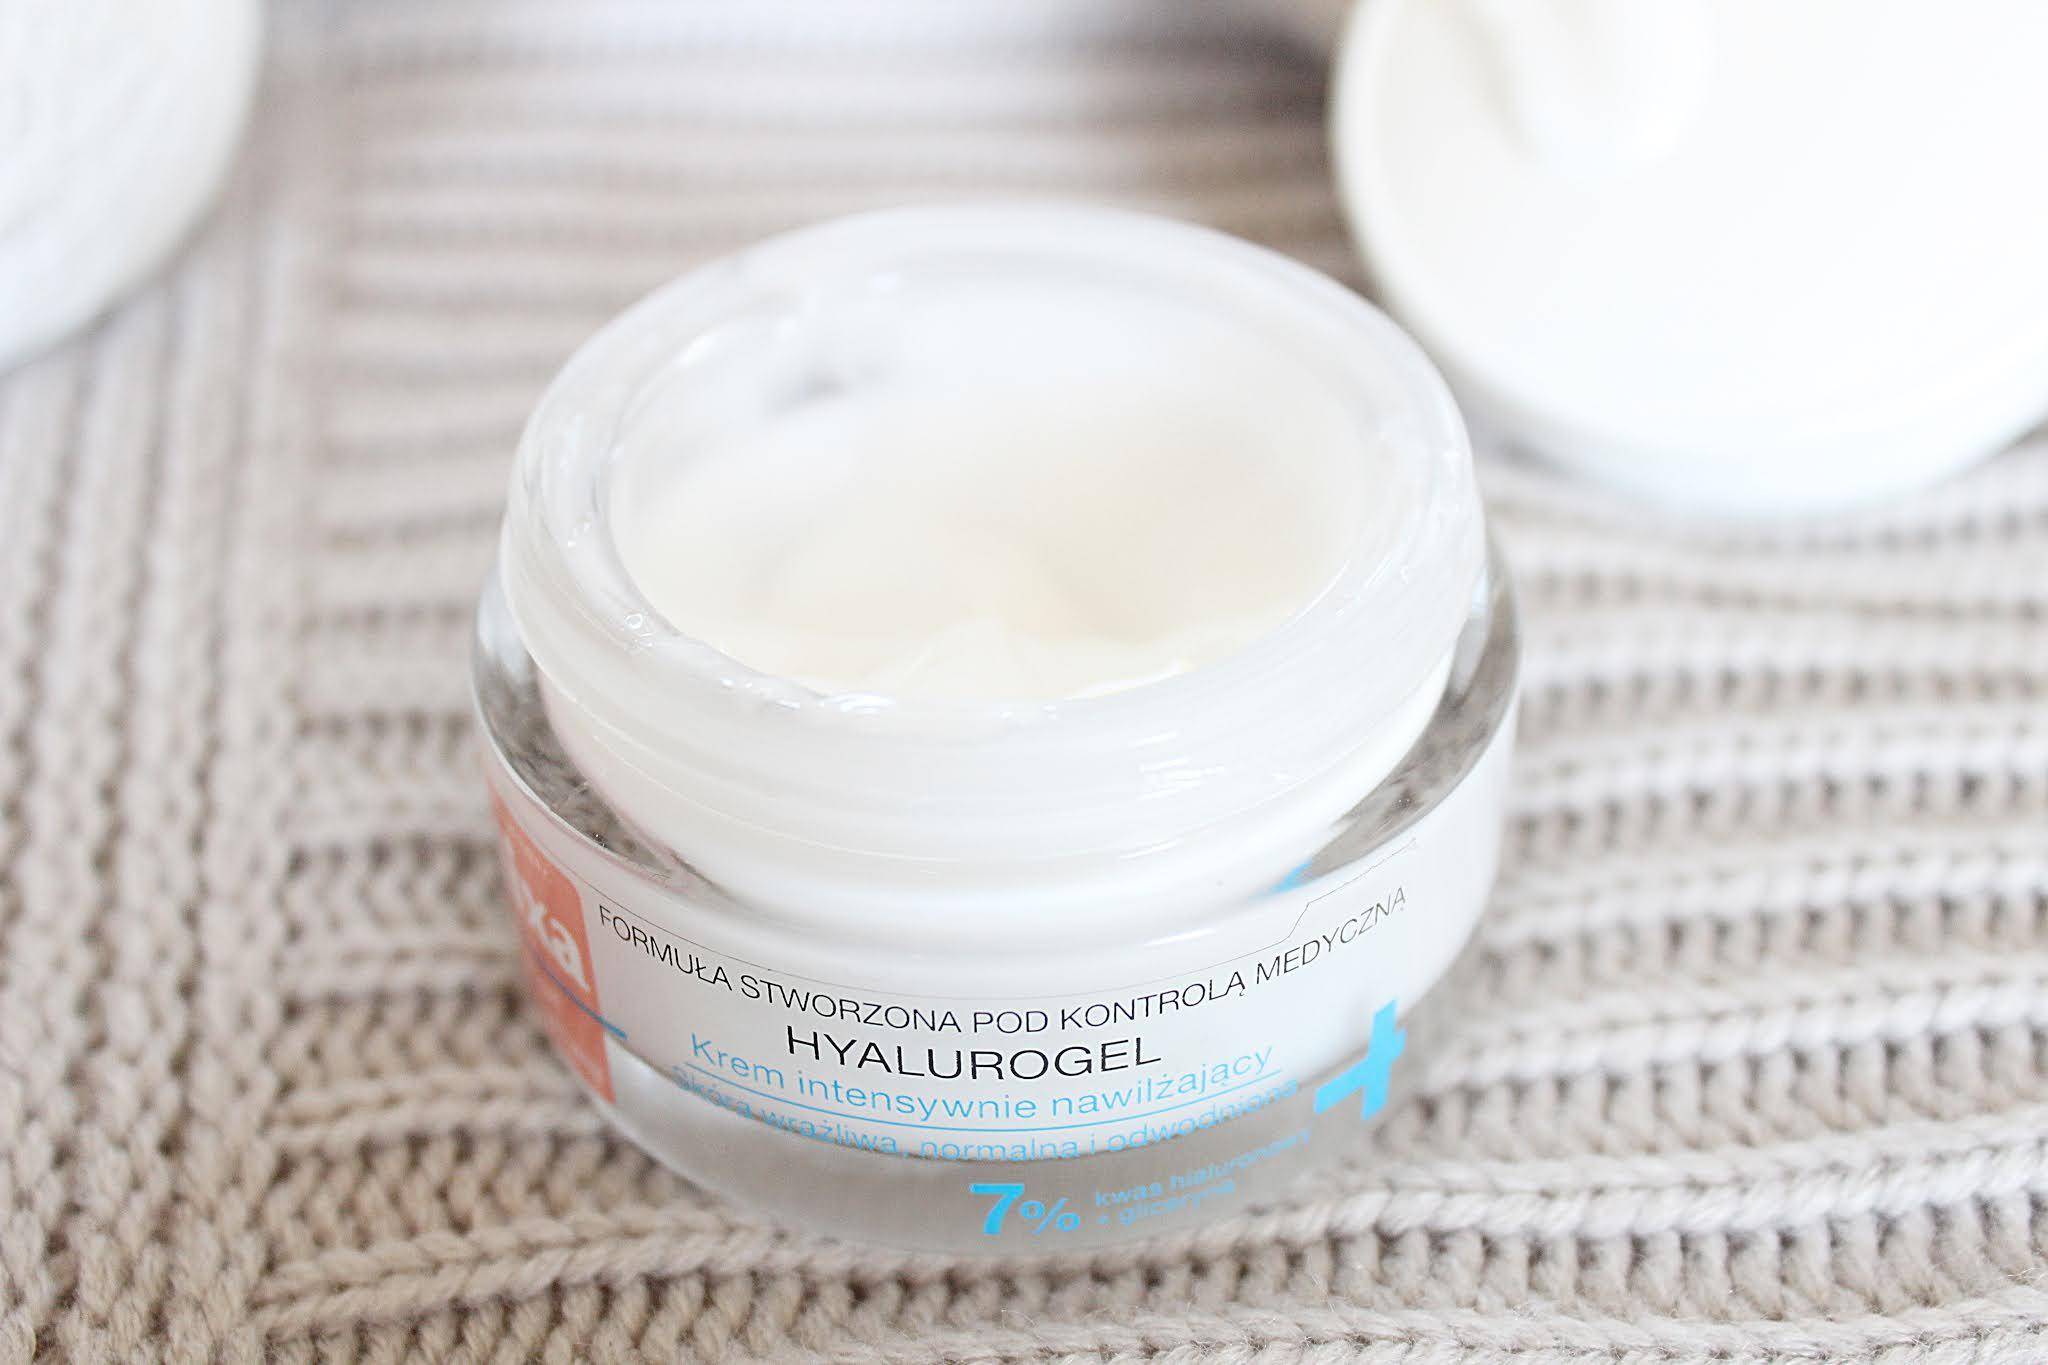 Mixa Hyalurogel, Krem intensywnie nawilżający dla skóry wrażliwej, normalnej i odwodnionej - działa czy może jednak nie?